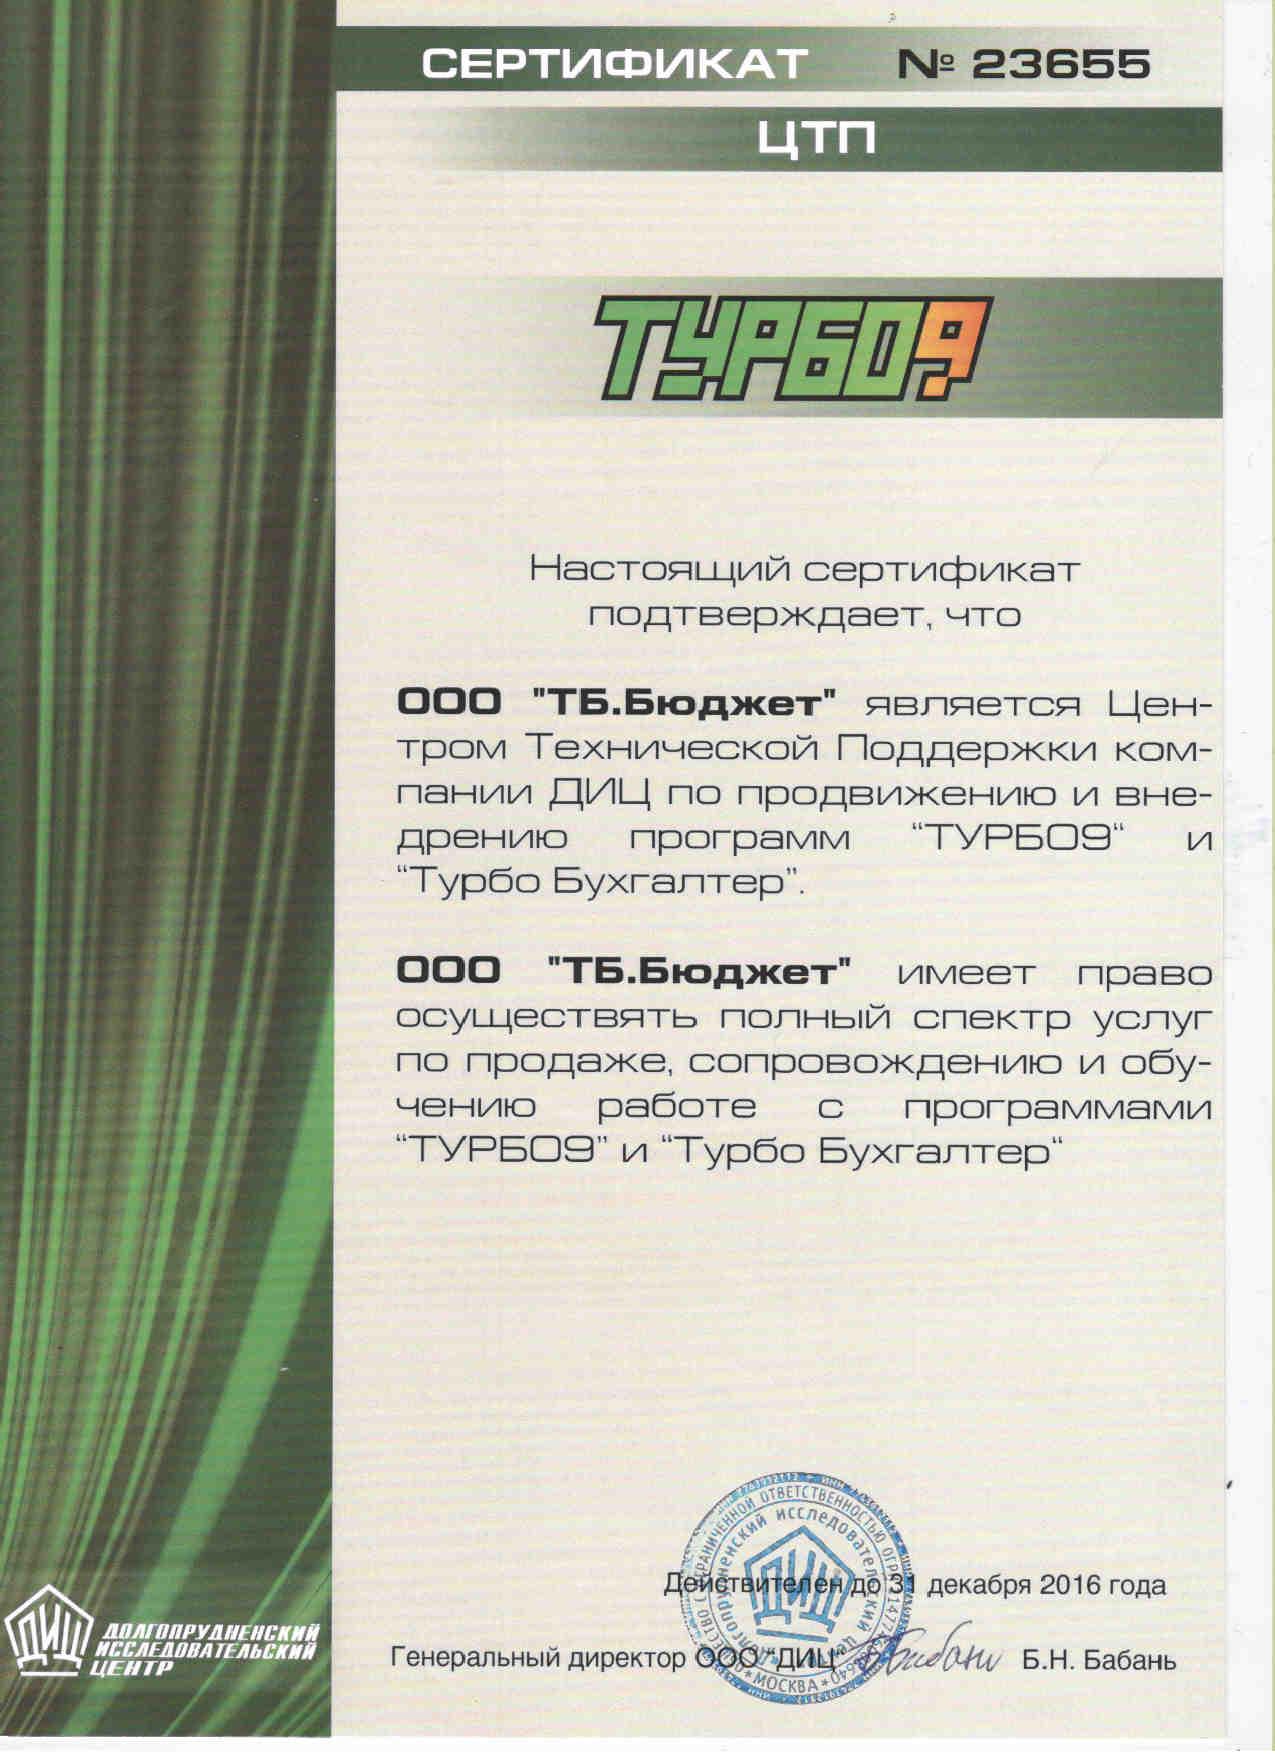 Сертификат авторизованного дилера Долгопрудненского Исследовательского Центра